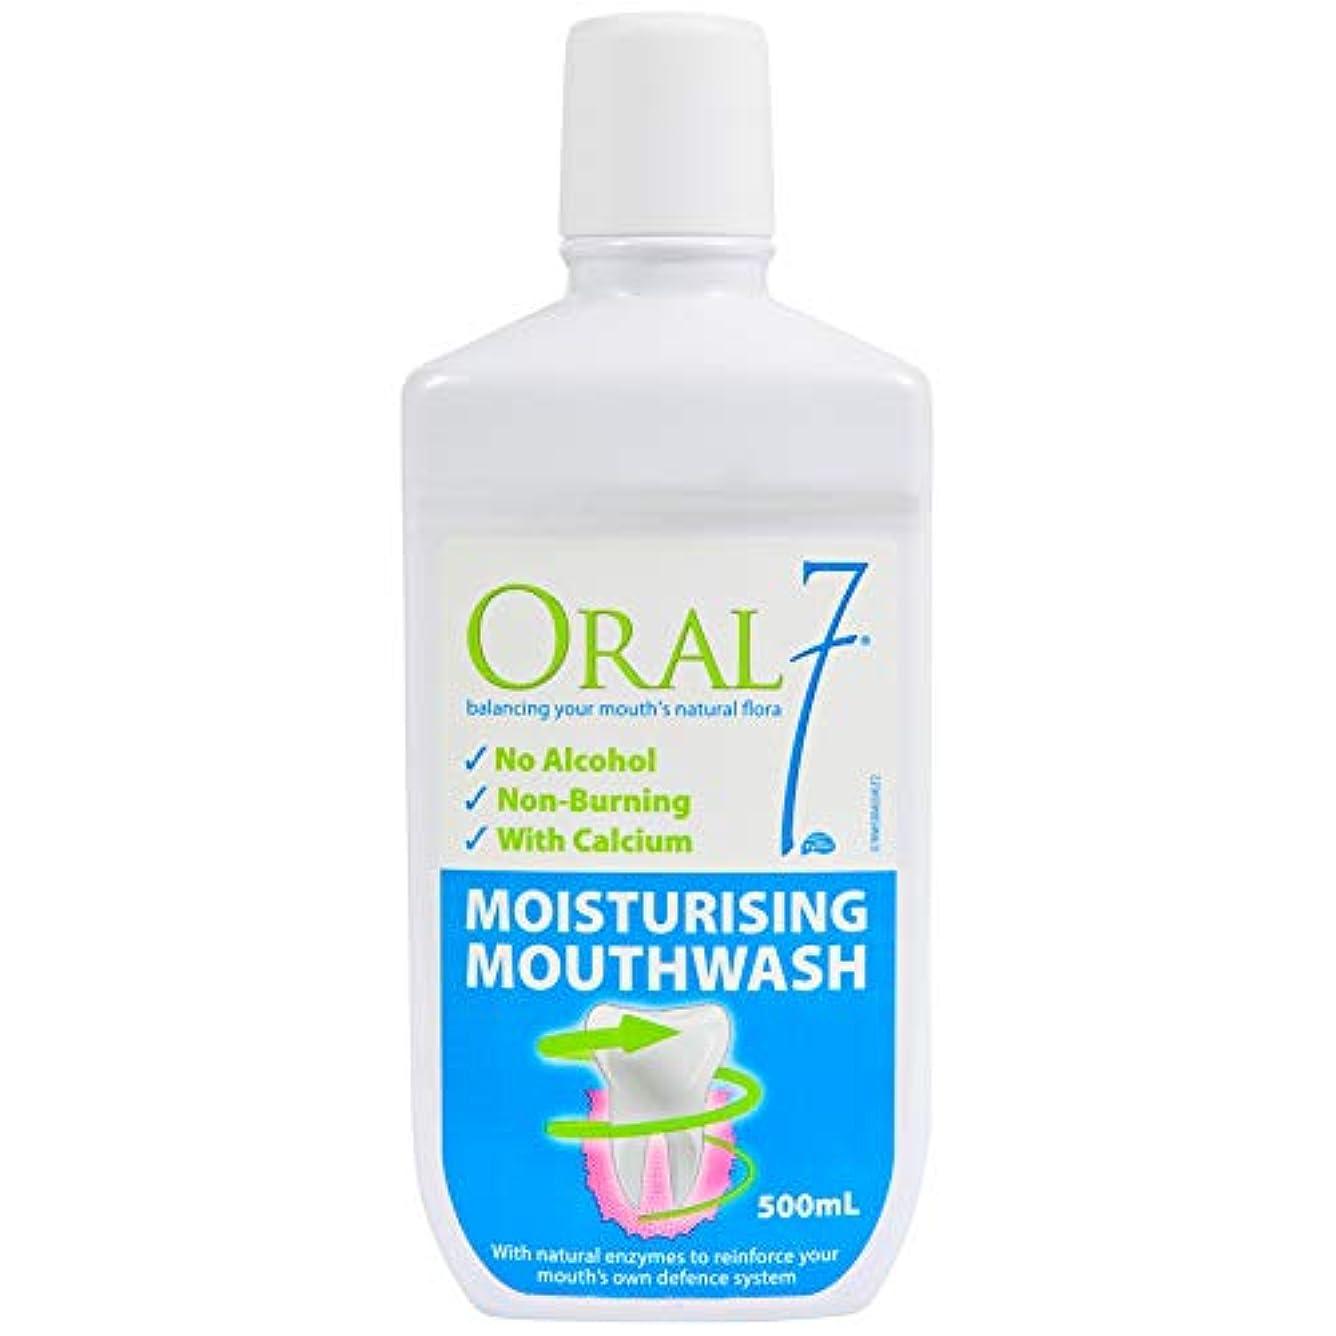 不良ソケット君主制オーラル7 モイスチャライジングマウスウォッシュ 500ml 4種の天然酵素配合!口腔内保湿マウスウォッシュ お口の乾燥対策に